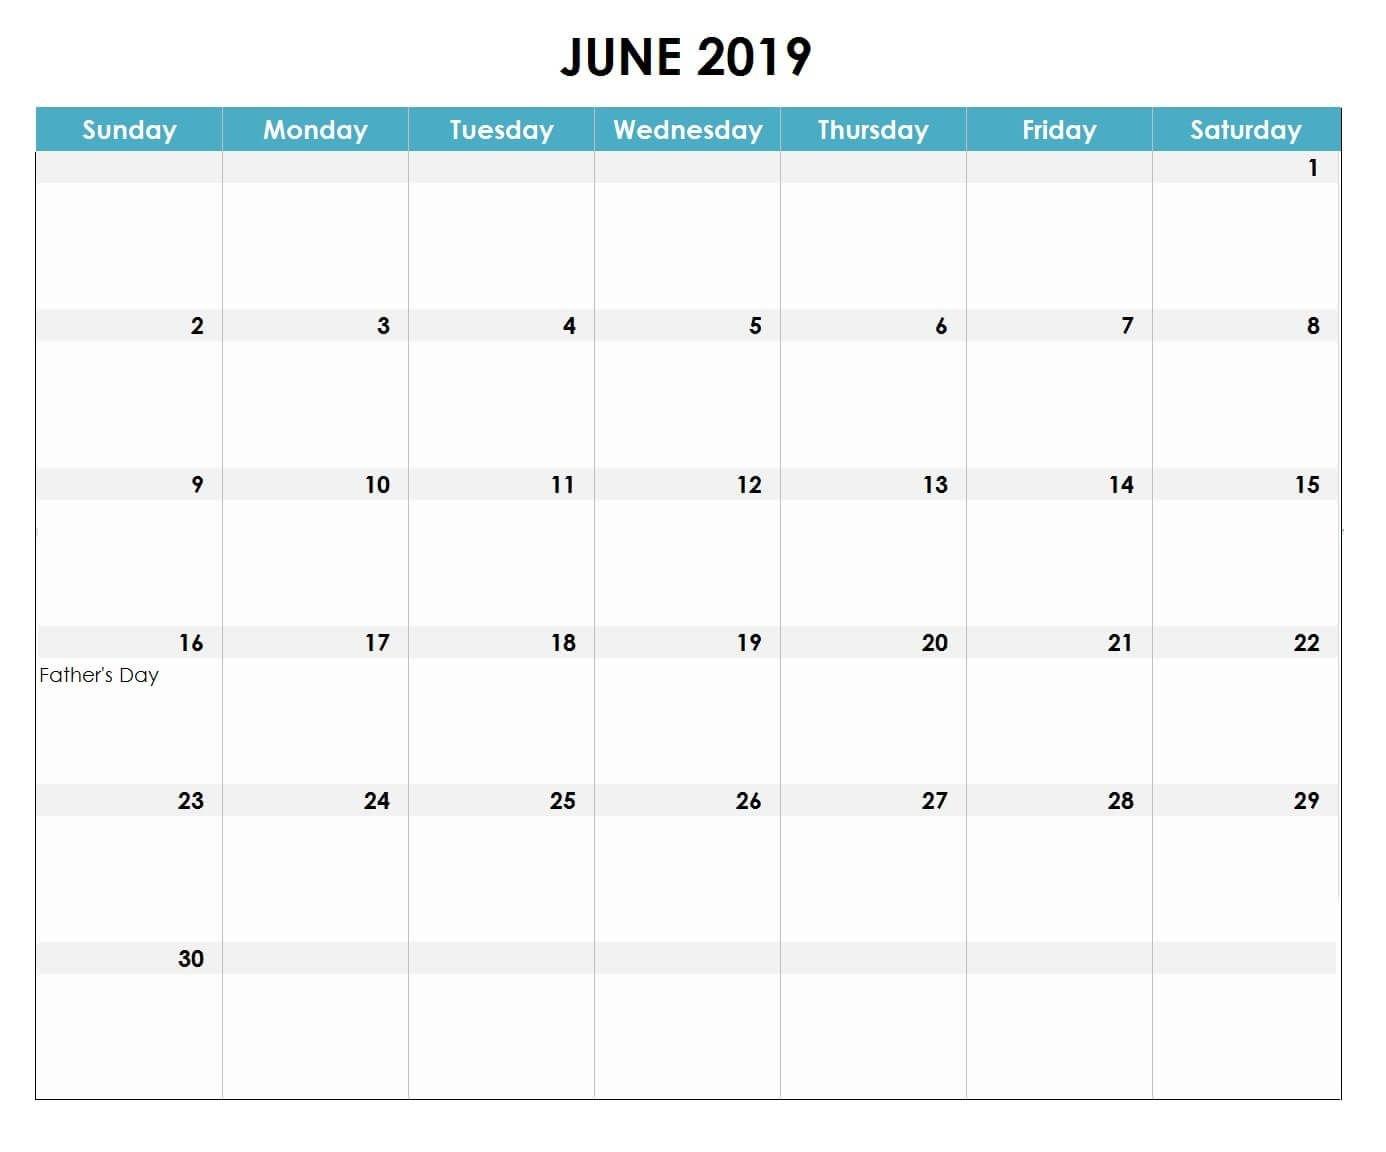 June 2019 Excel Calendar #2019 #2019Calendar #2019Excelcalendar Calendar 2019 Excel Canada